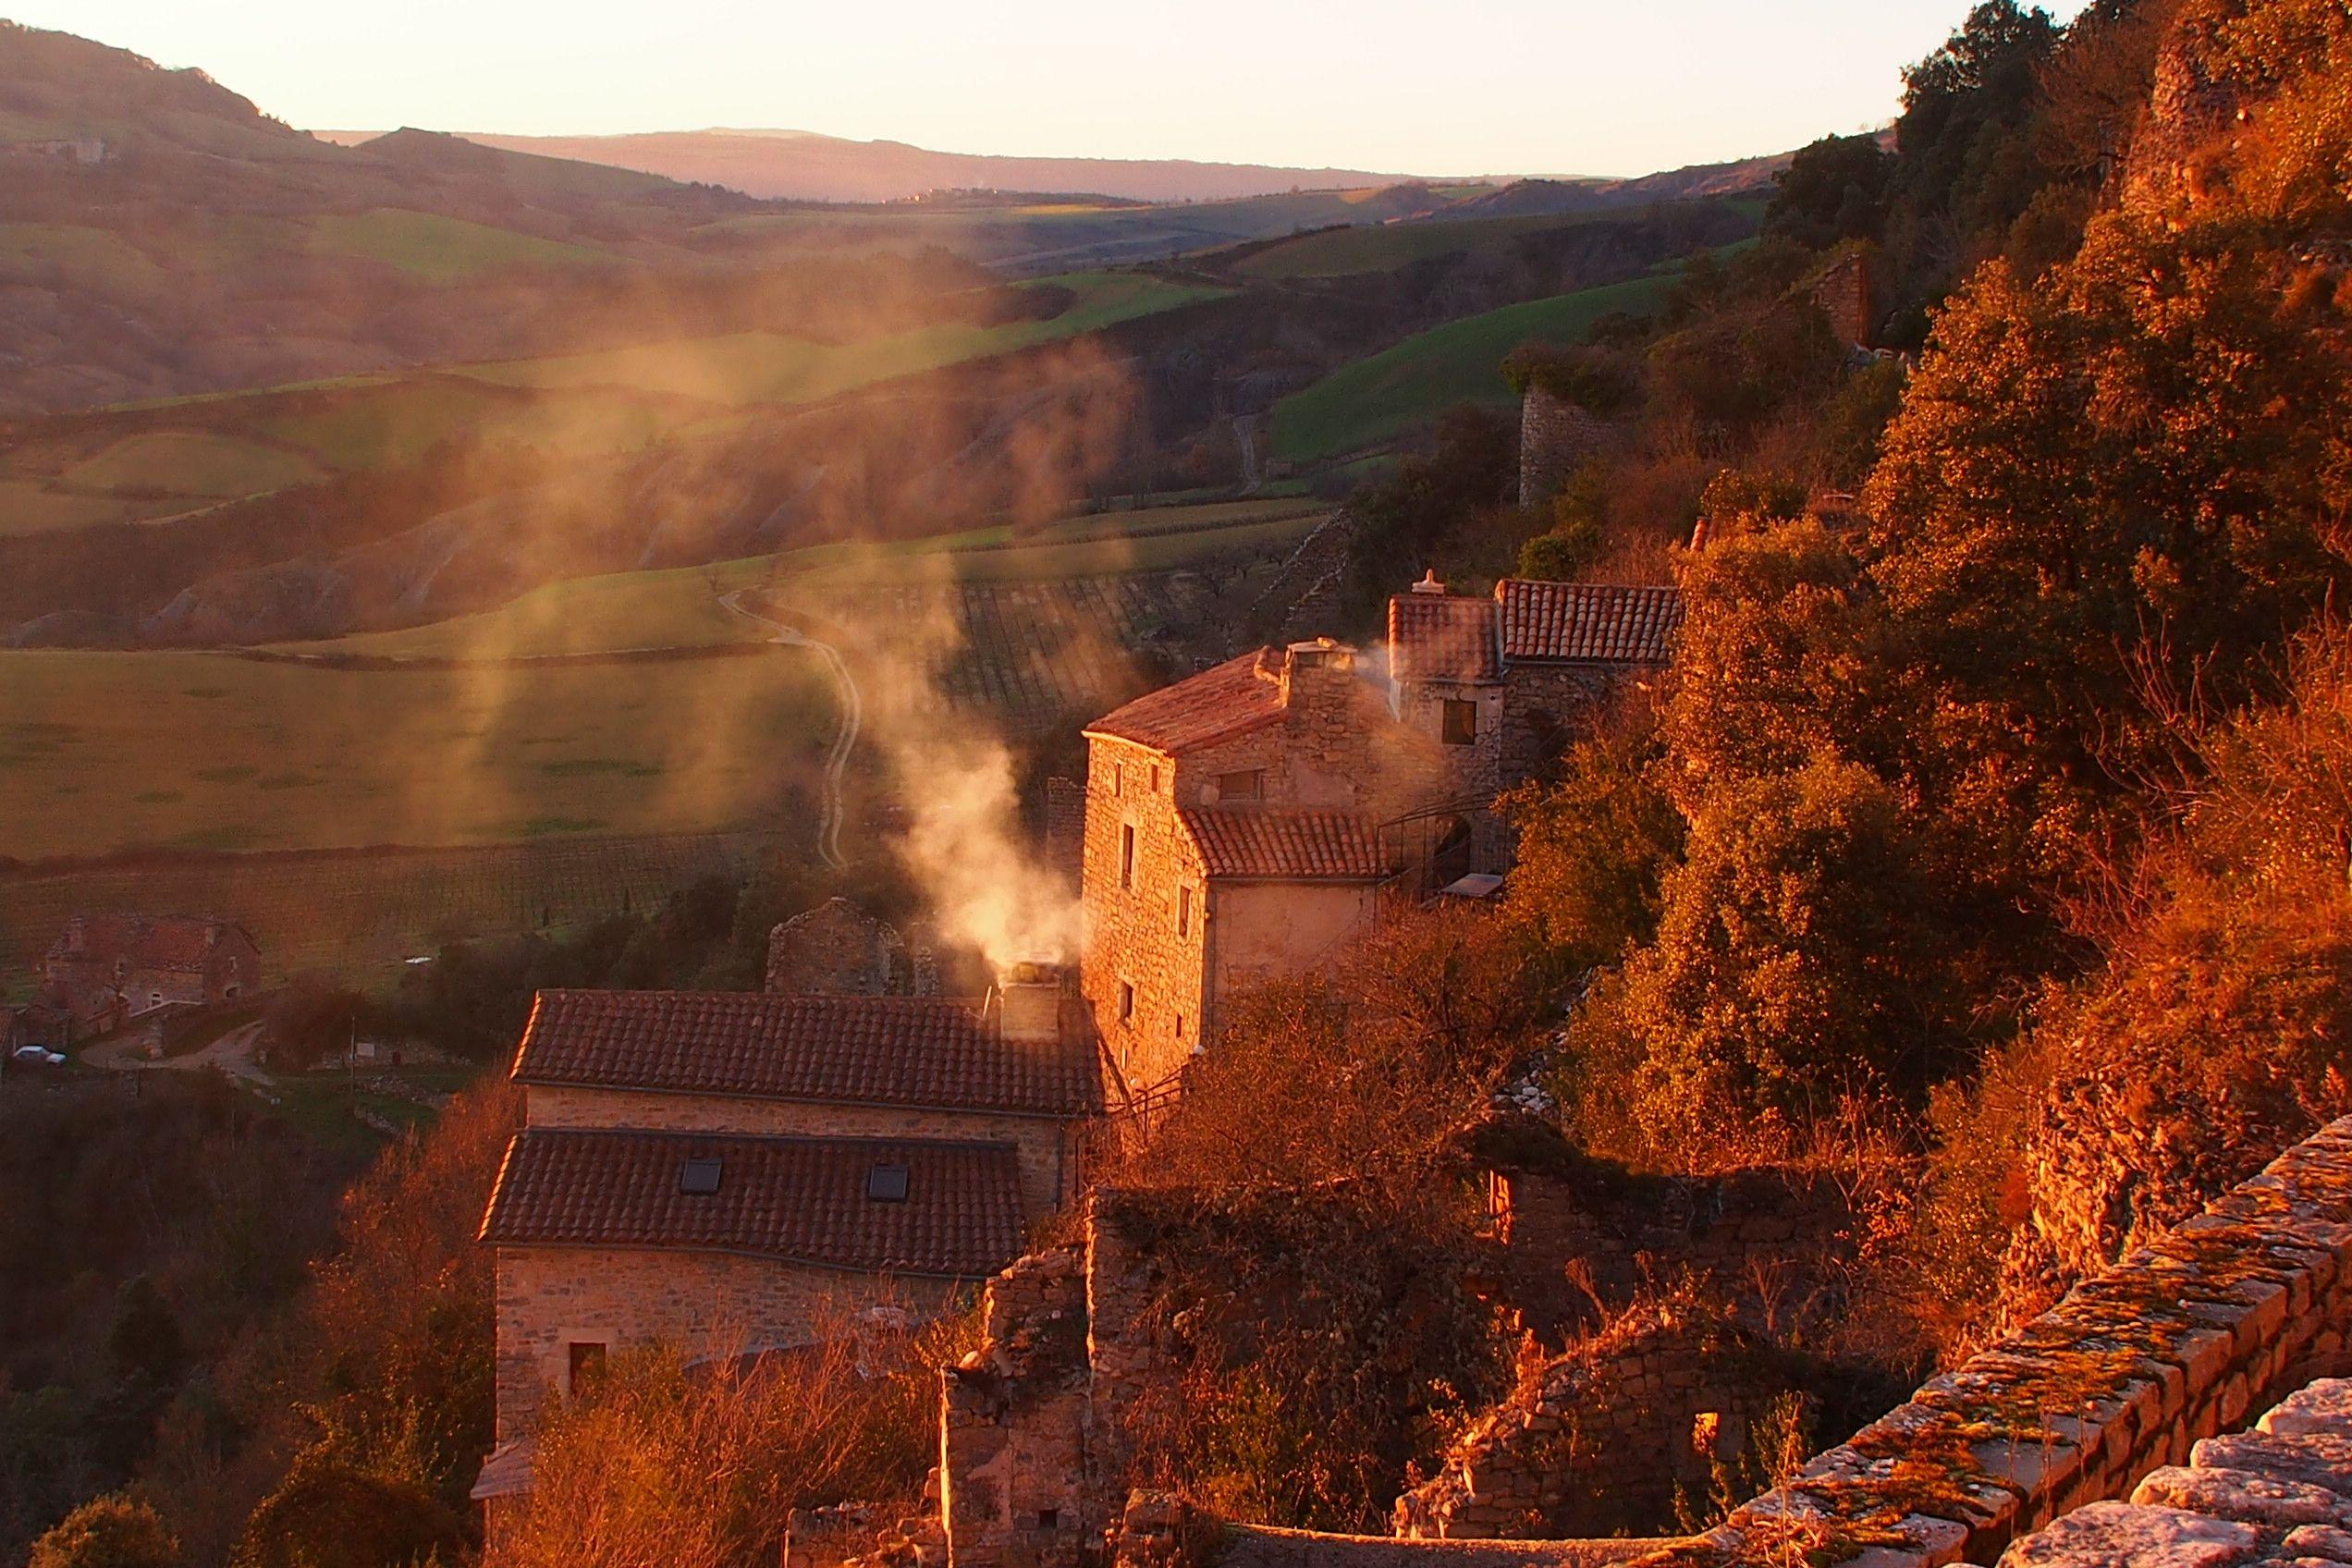 Le village au dernier soleil d'hiver